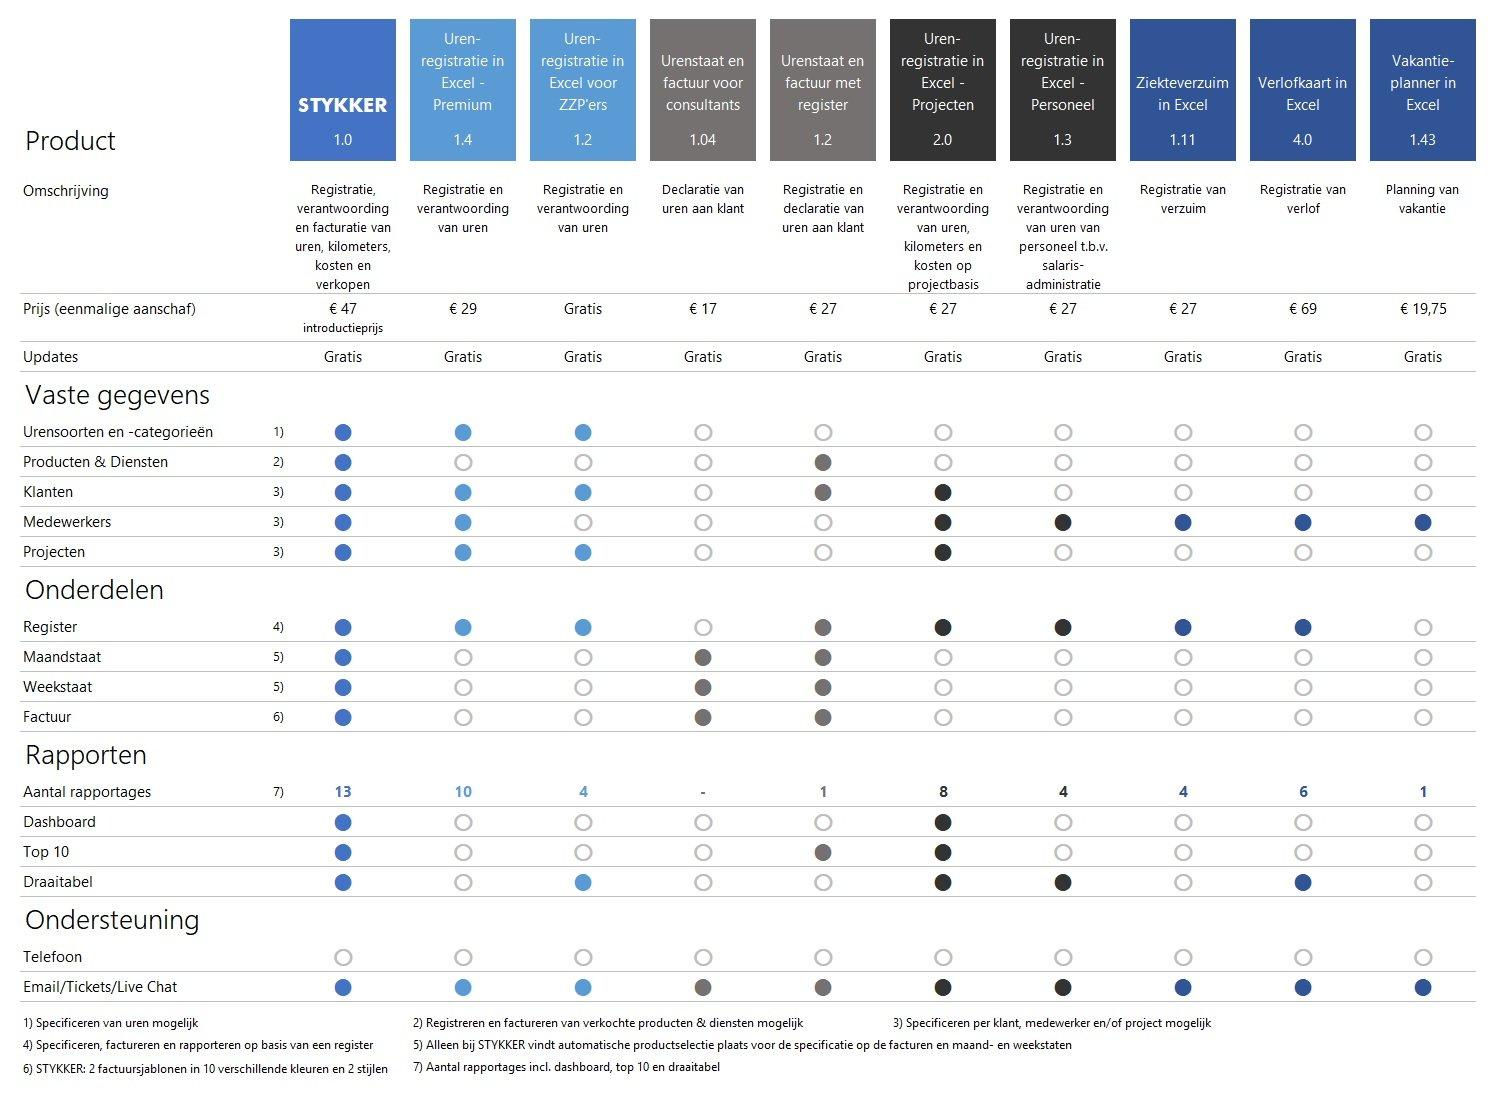 vergelijking van urenregistratie en facturatie producten